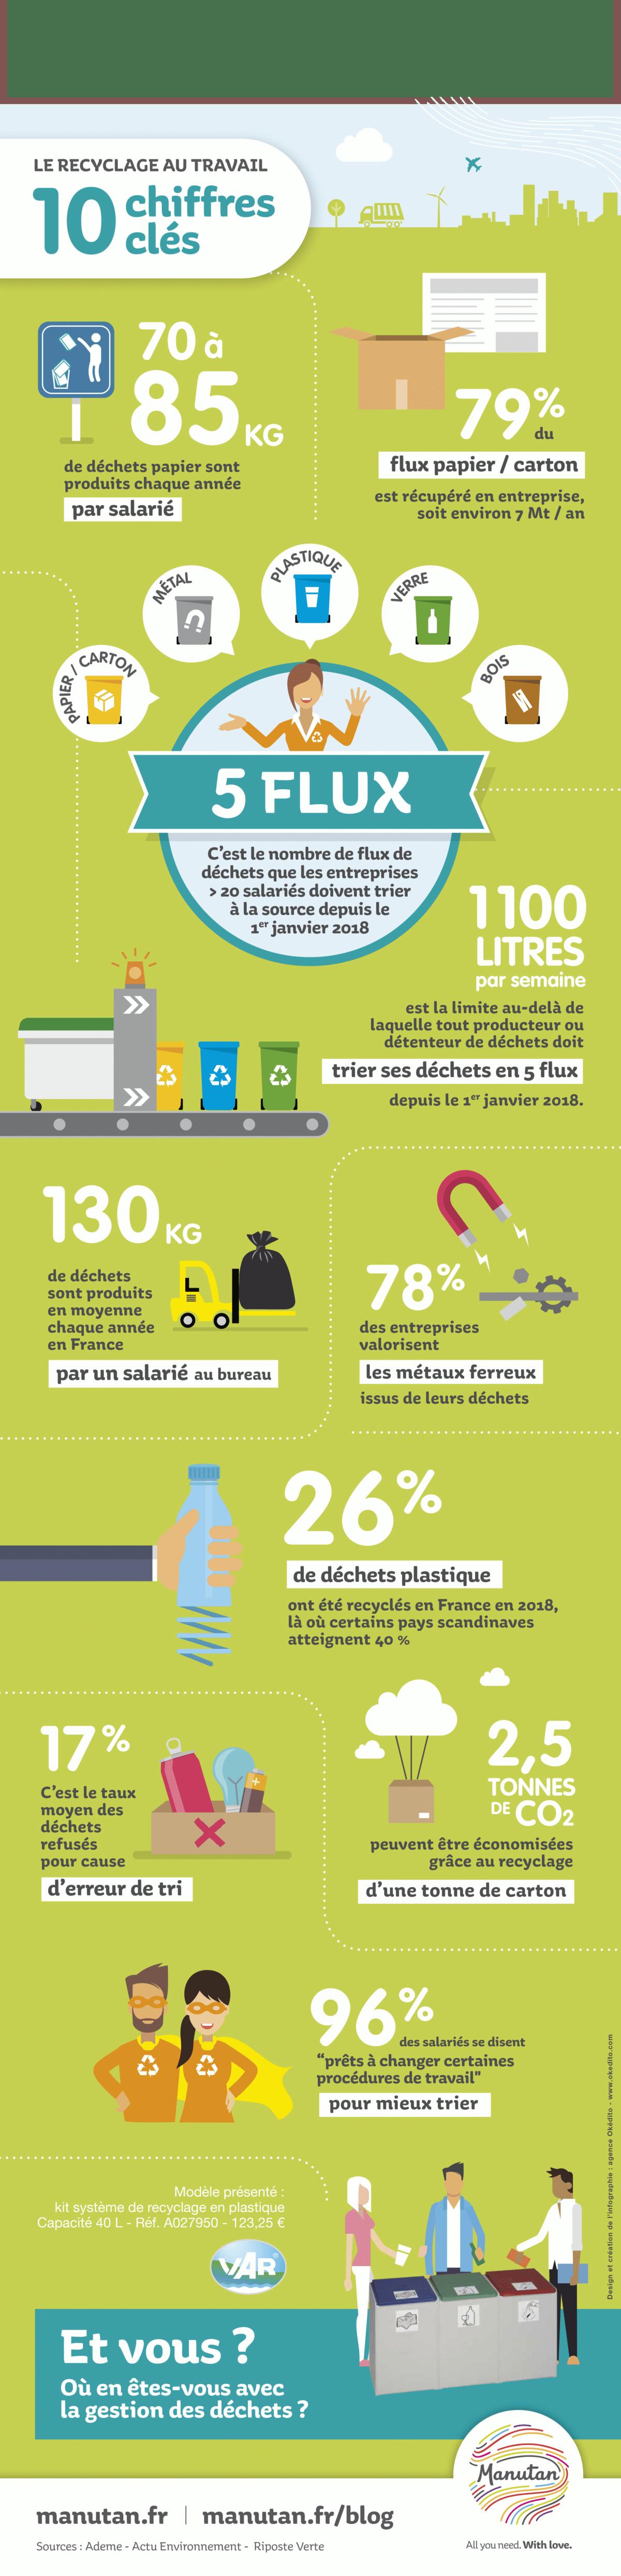 chiffres clés sur le recyclage au bureau